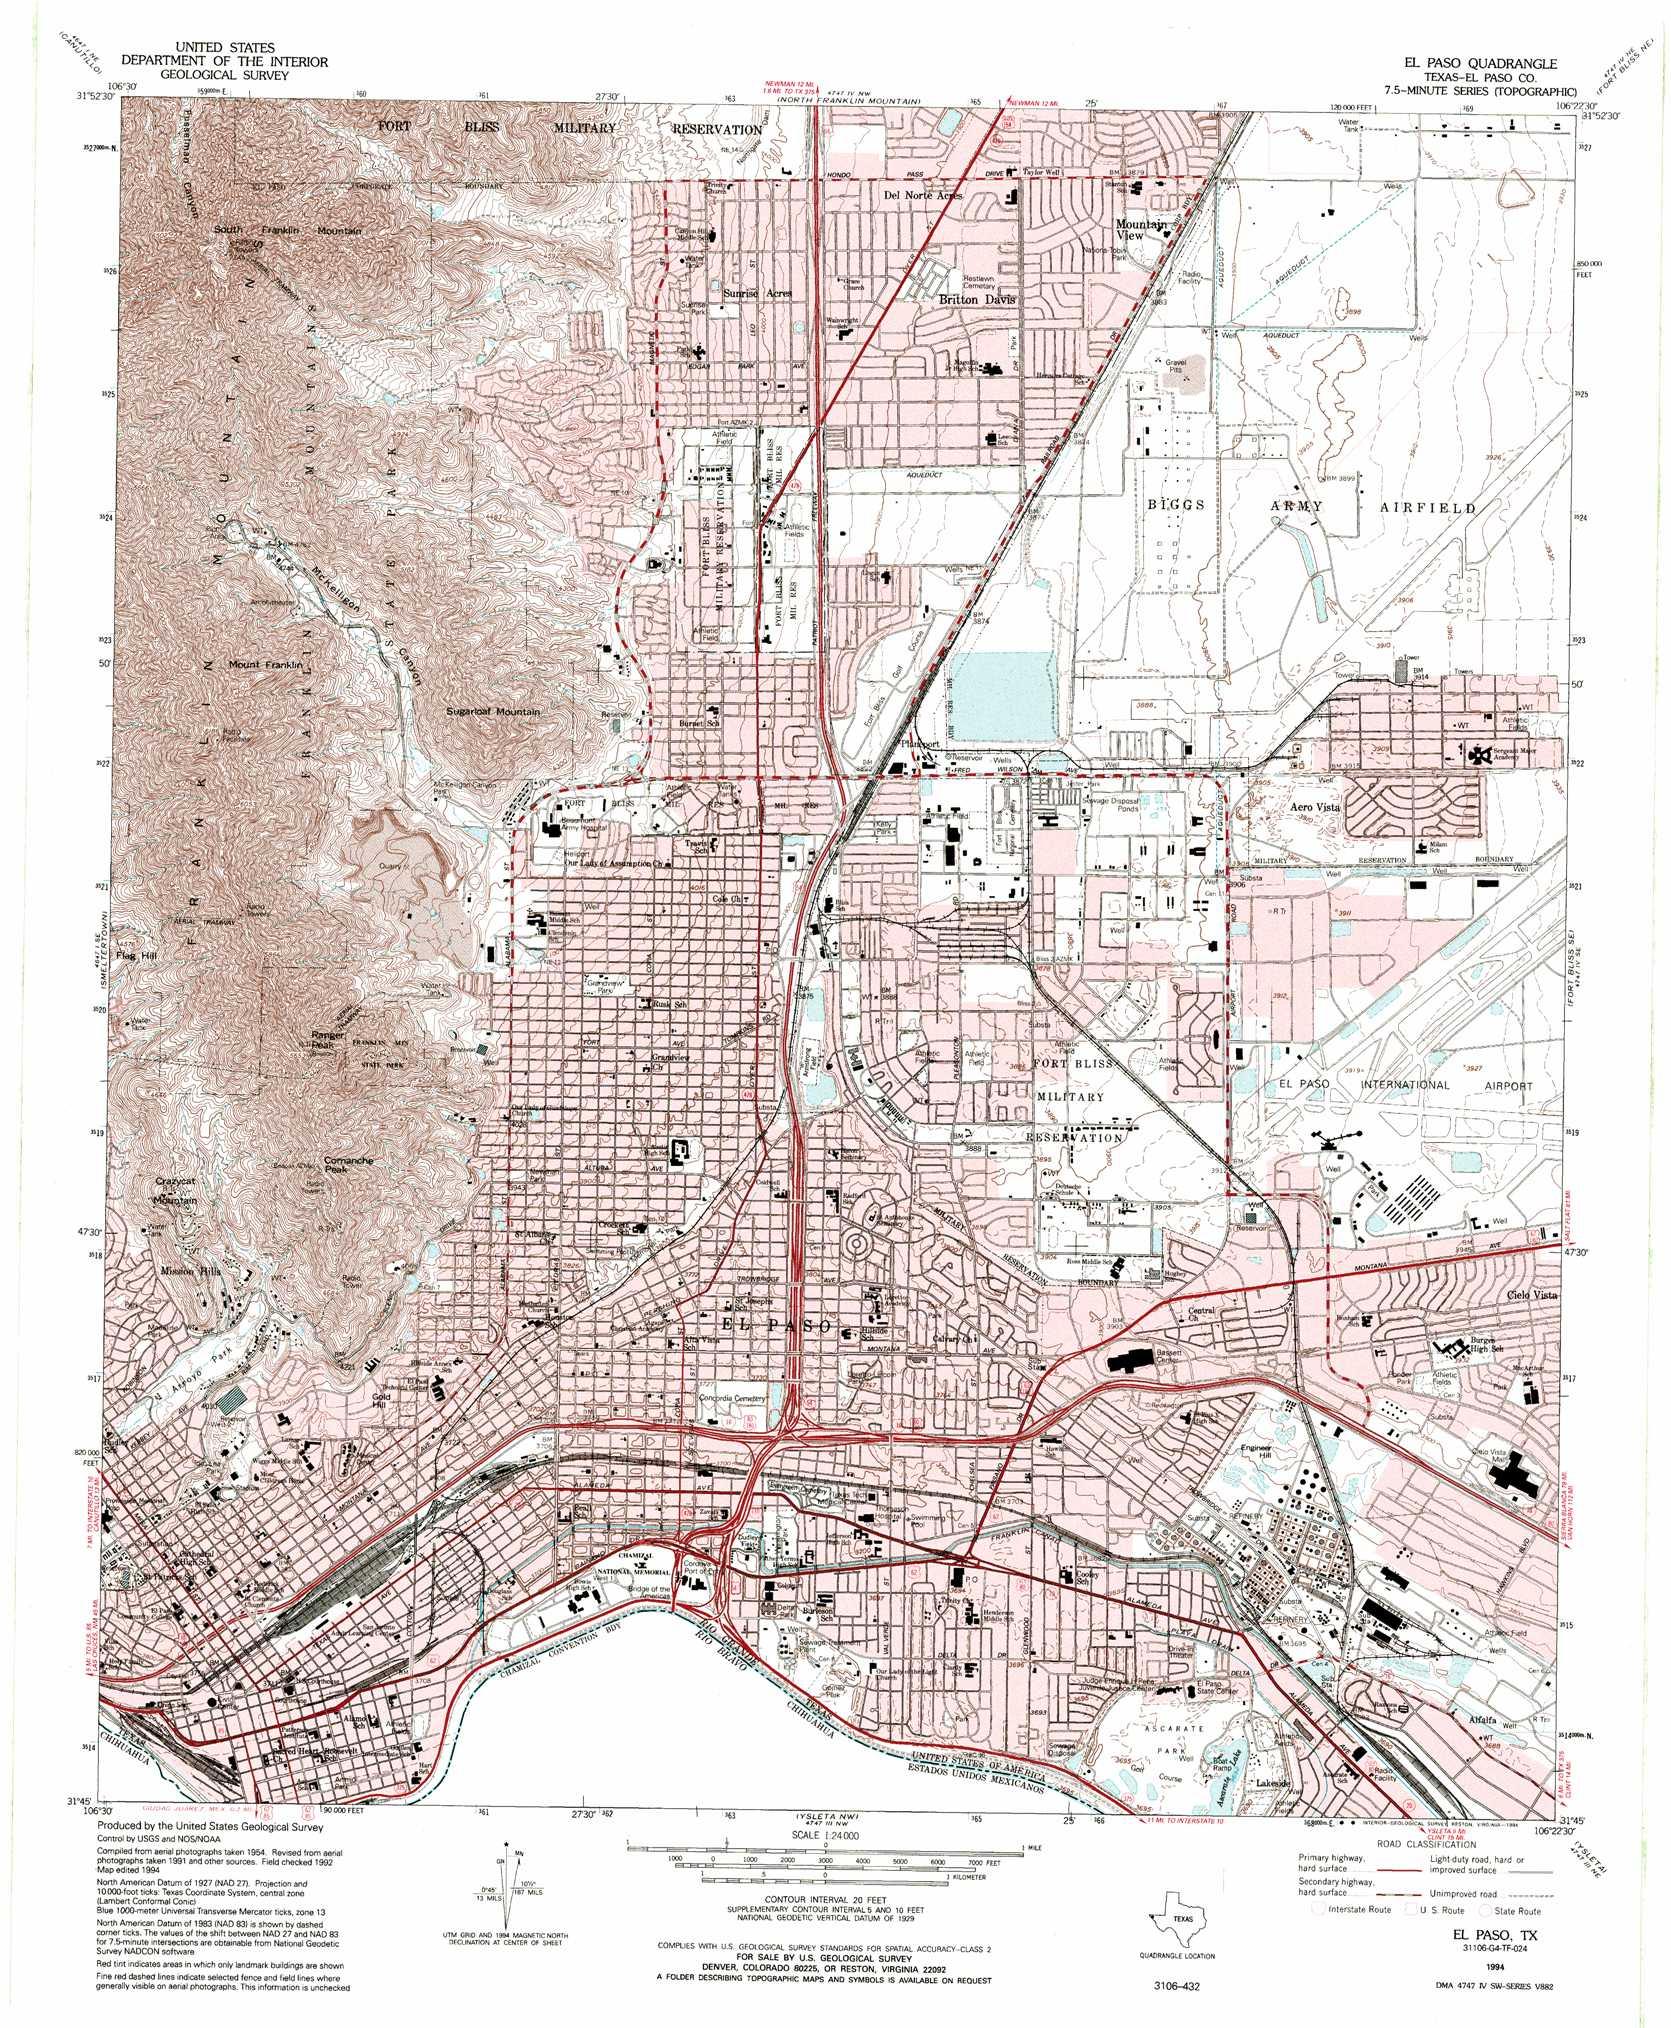 El Paso topographic map, TX - USGS Topo Quad 31106g4